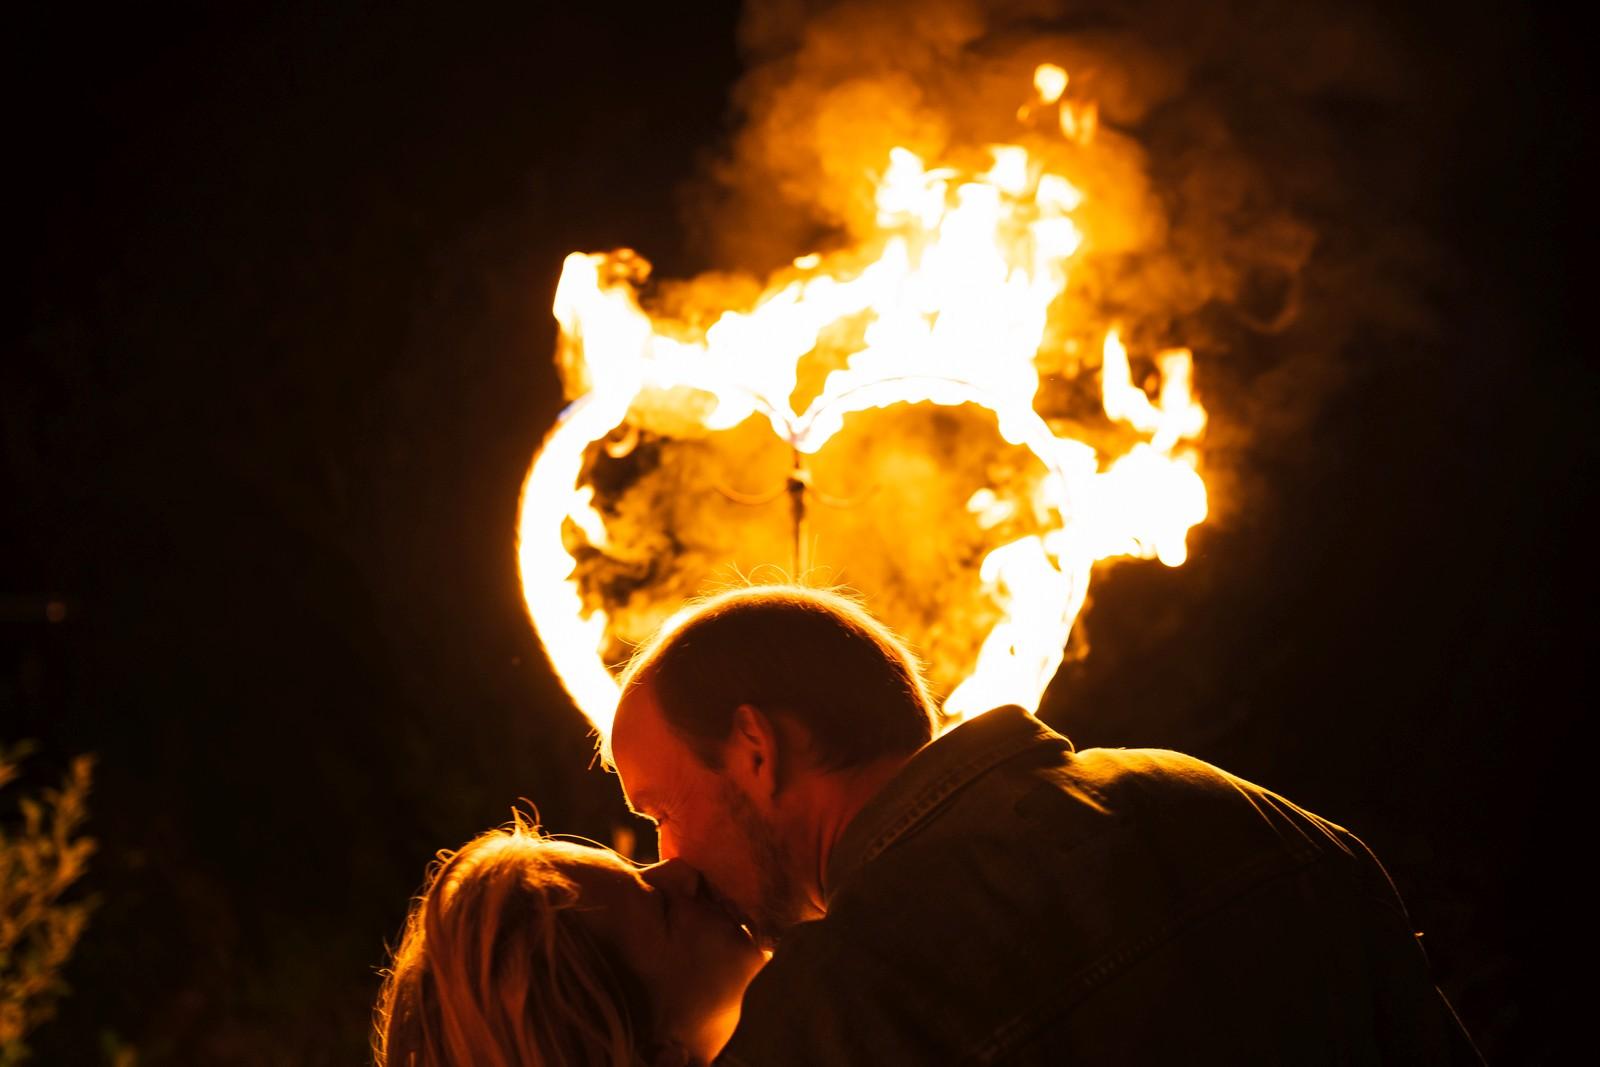 Feuershow zur Hochzeit mit Feuerherz, Foto: Daniel Tetzel